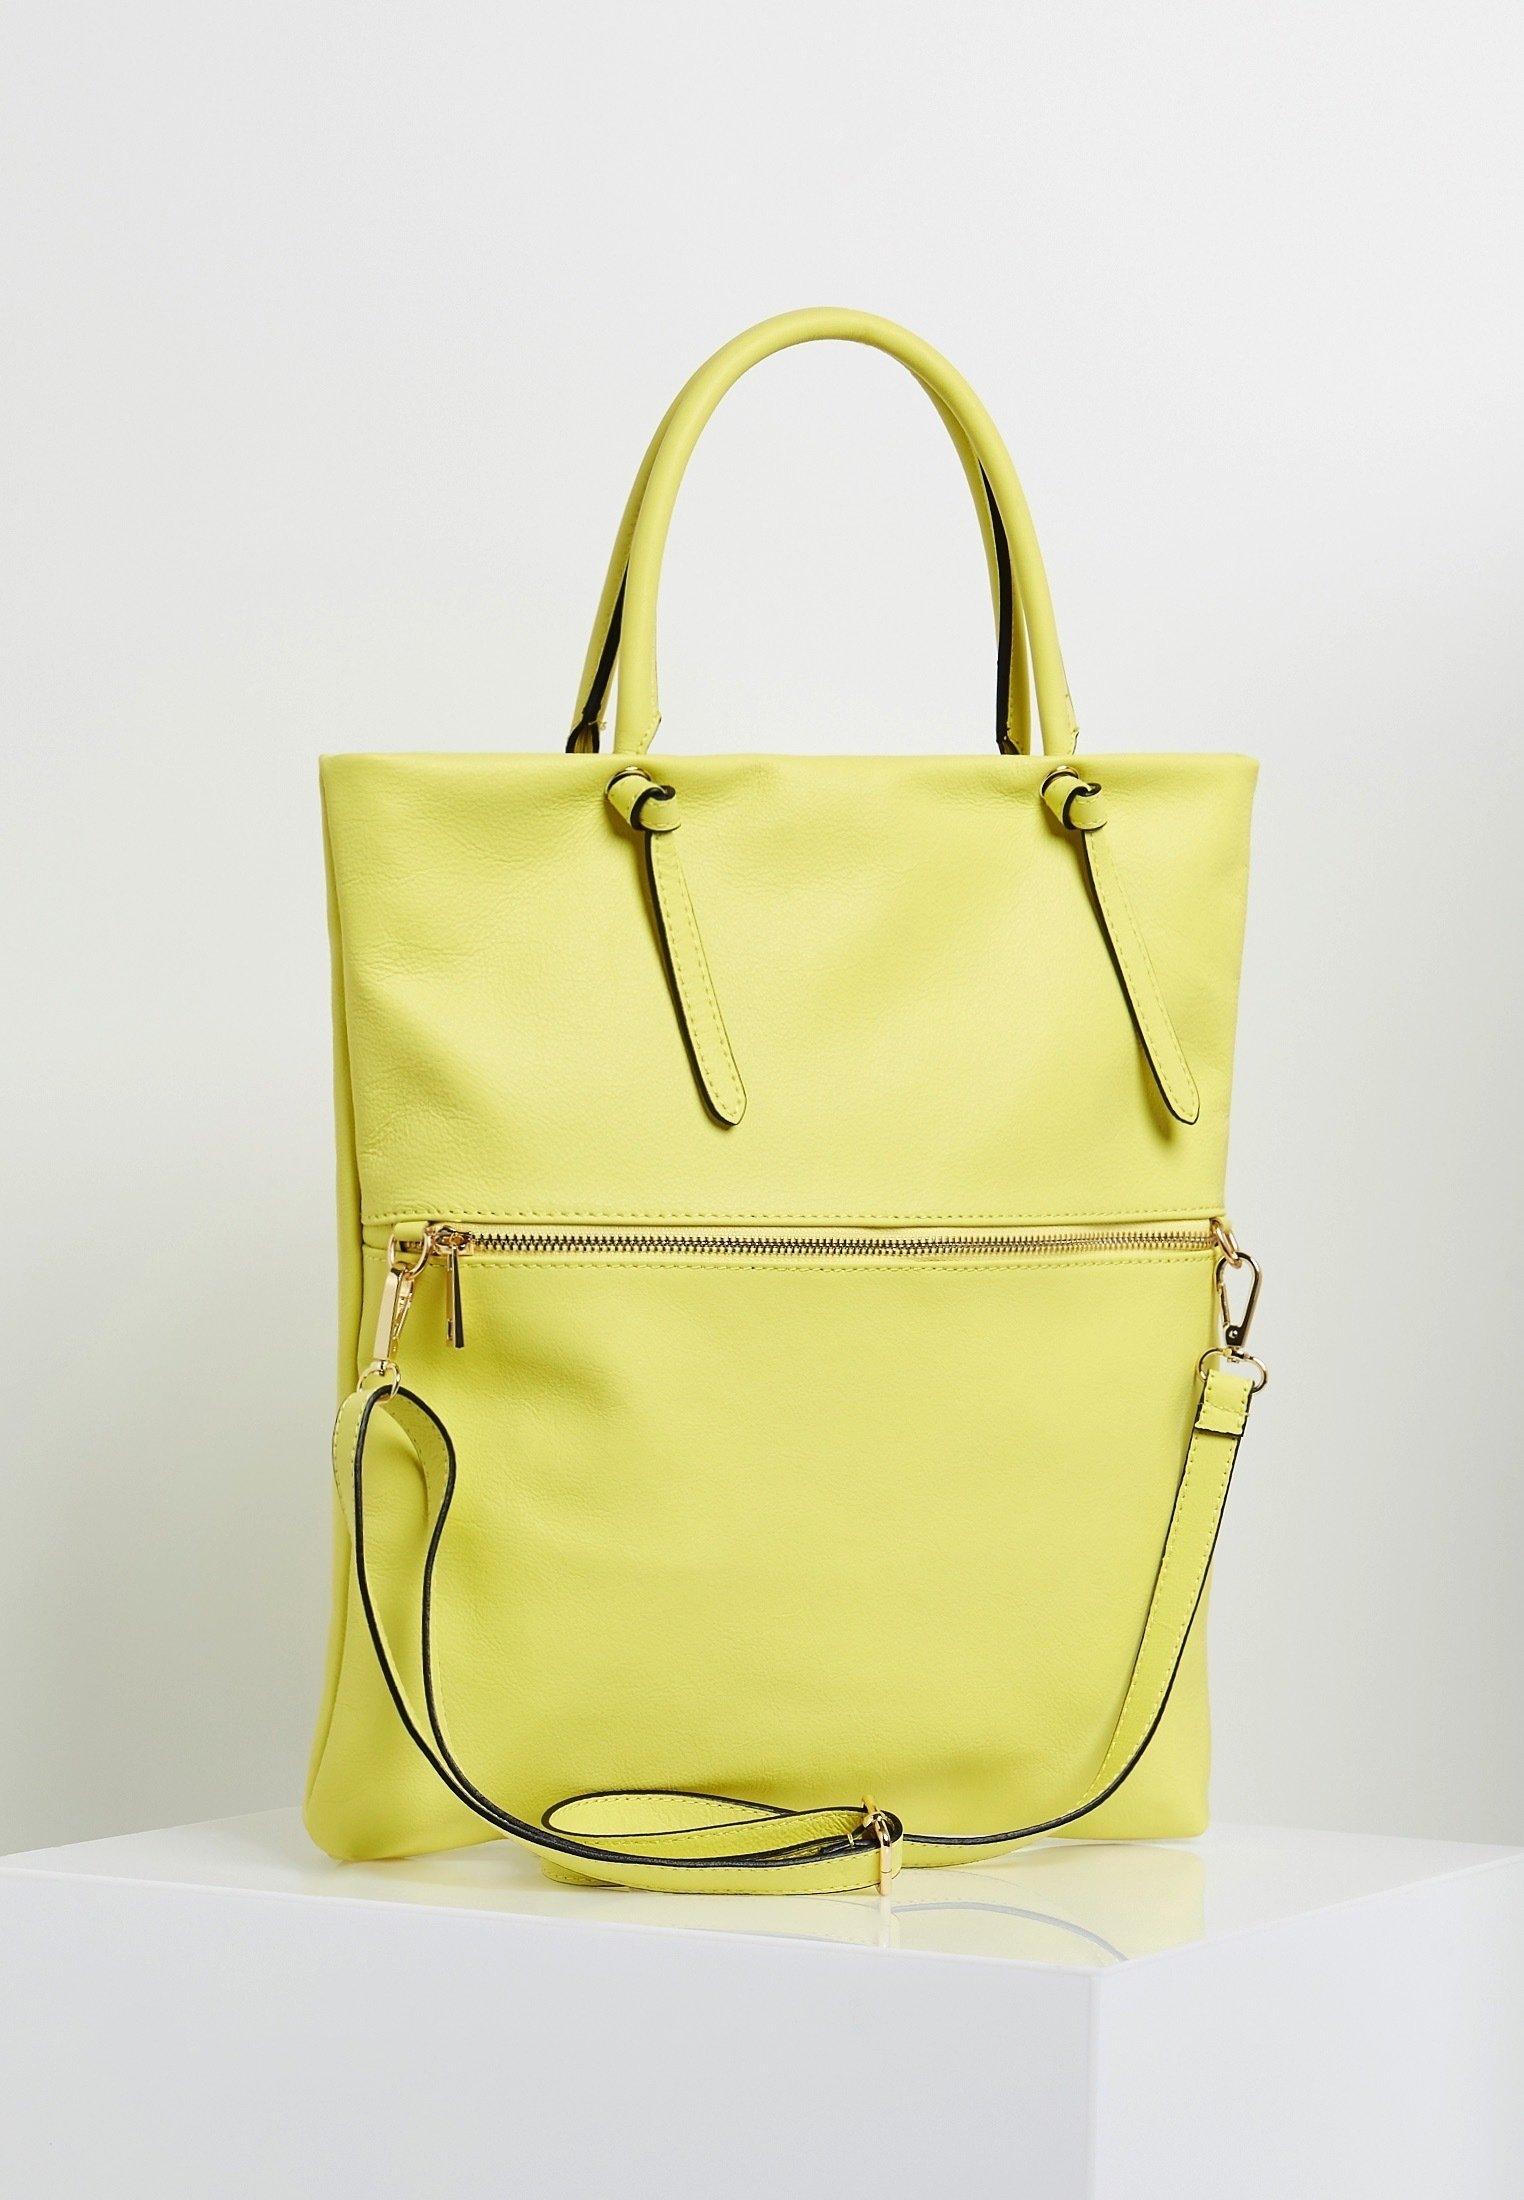 Felipa Shopping bag - limette - Borse & Accessori da donna Falso